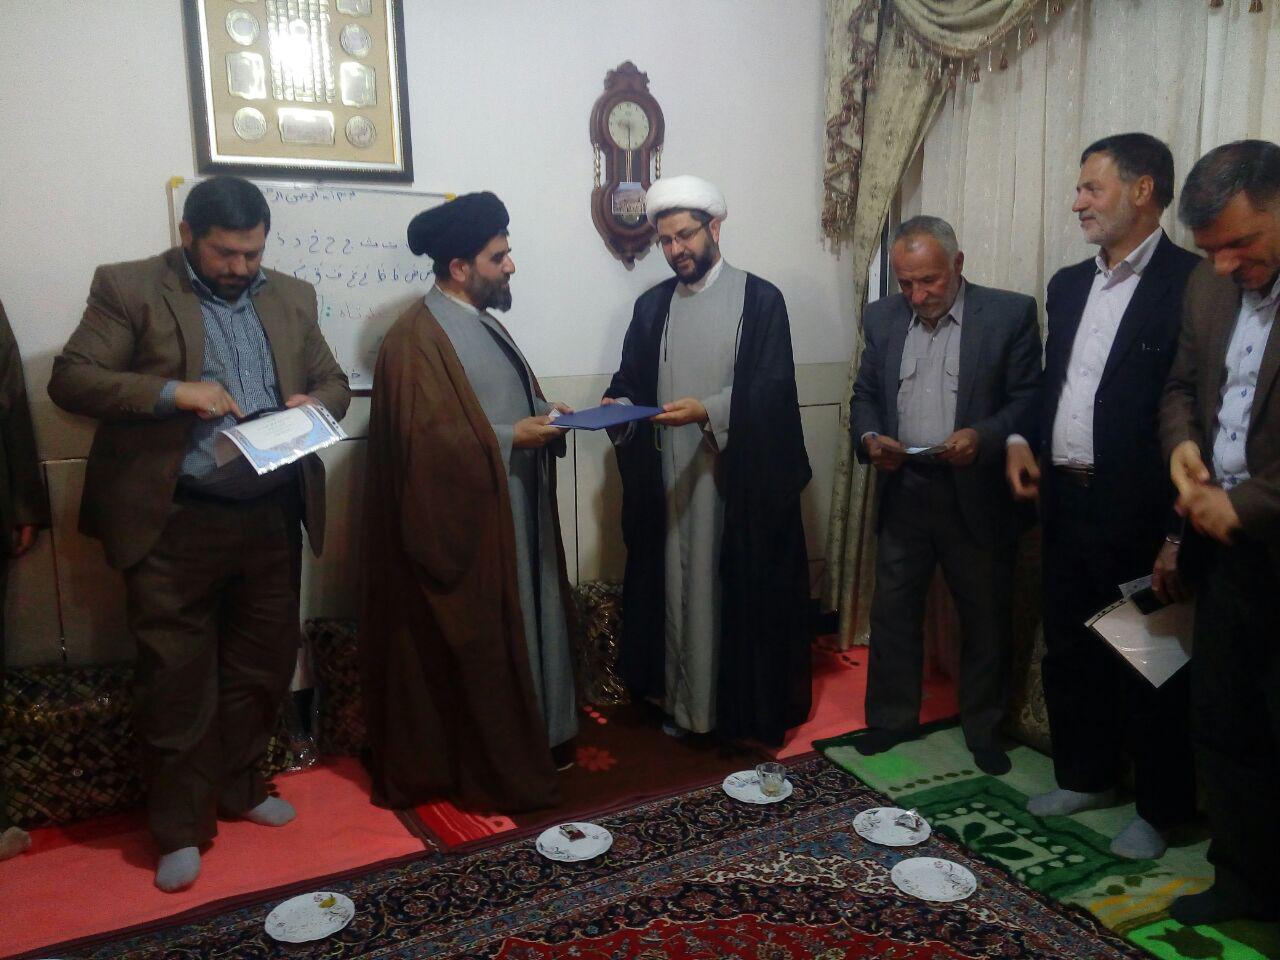 اهدای لوح تقدیر به حجت الاسلام موسوی لارگانی توسط امام جمعه محترم شهر قهدریجان به خاطر زحمات و تلاش